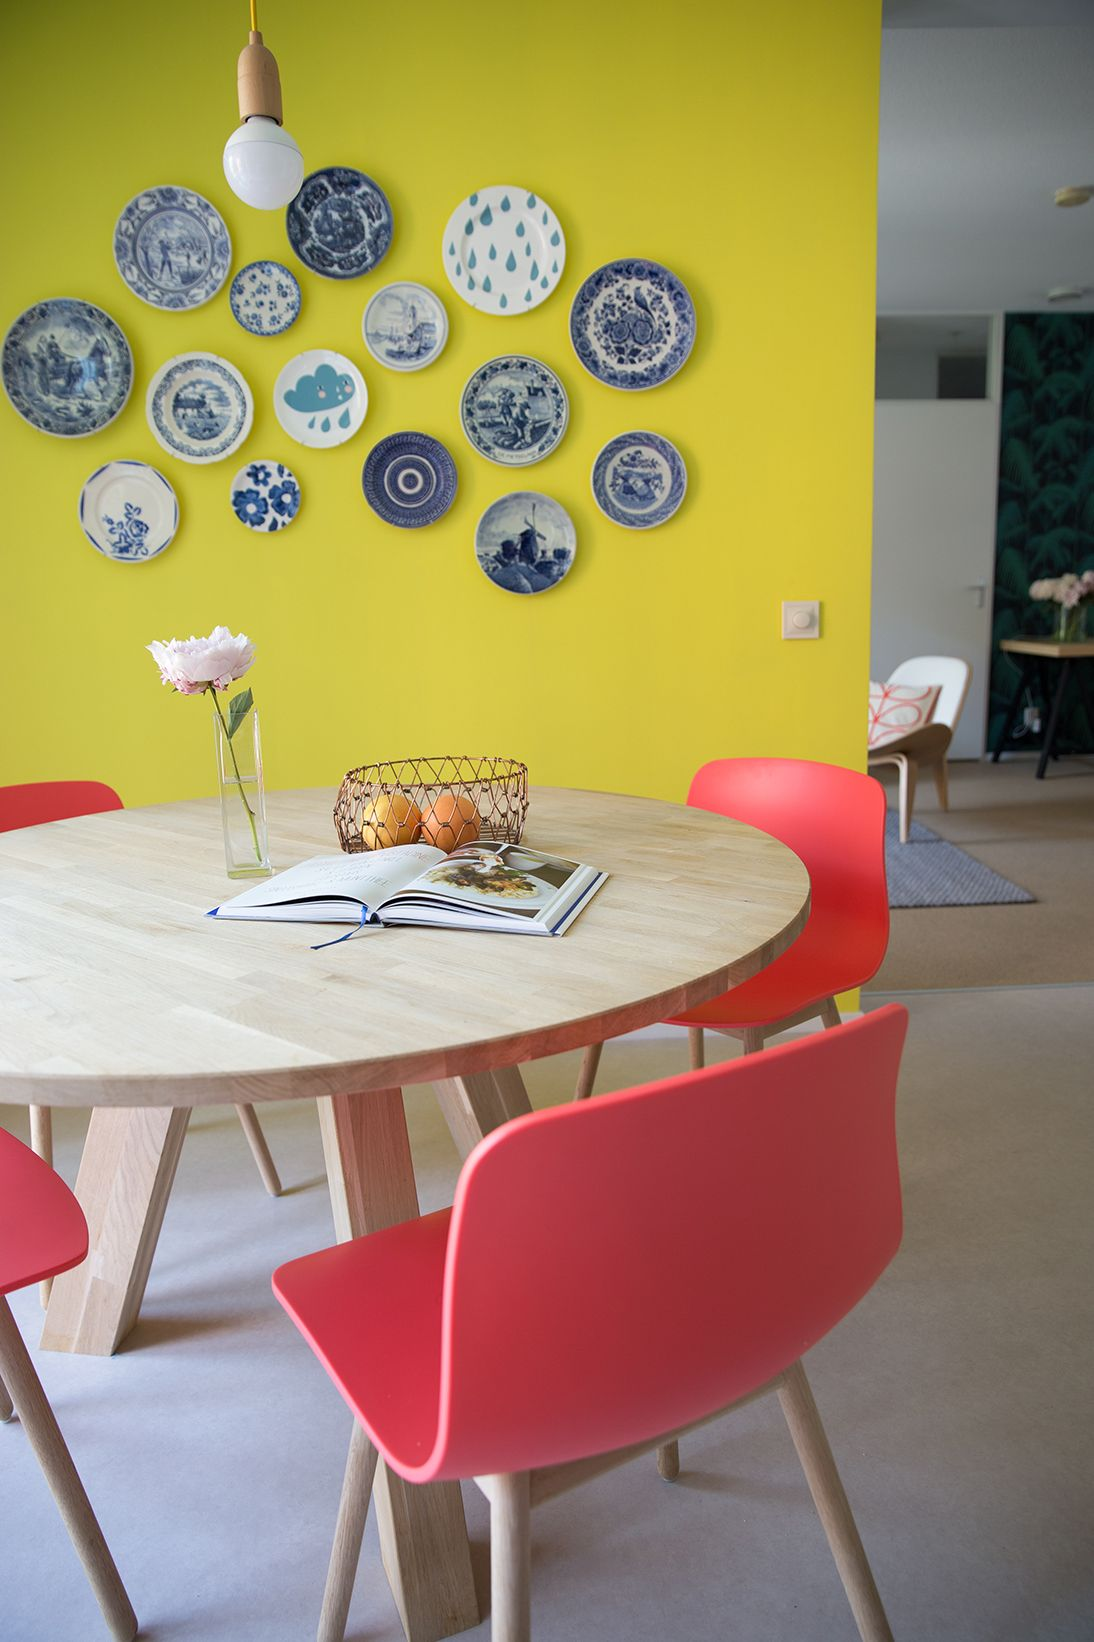 Femkeido Interior Design - Project Delft. I LOVE the idea of plates ...